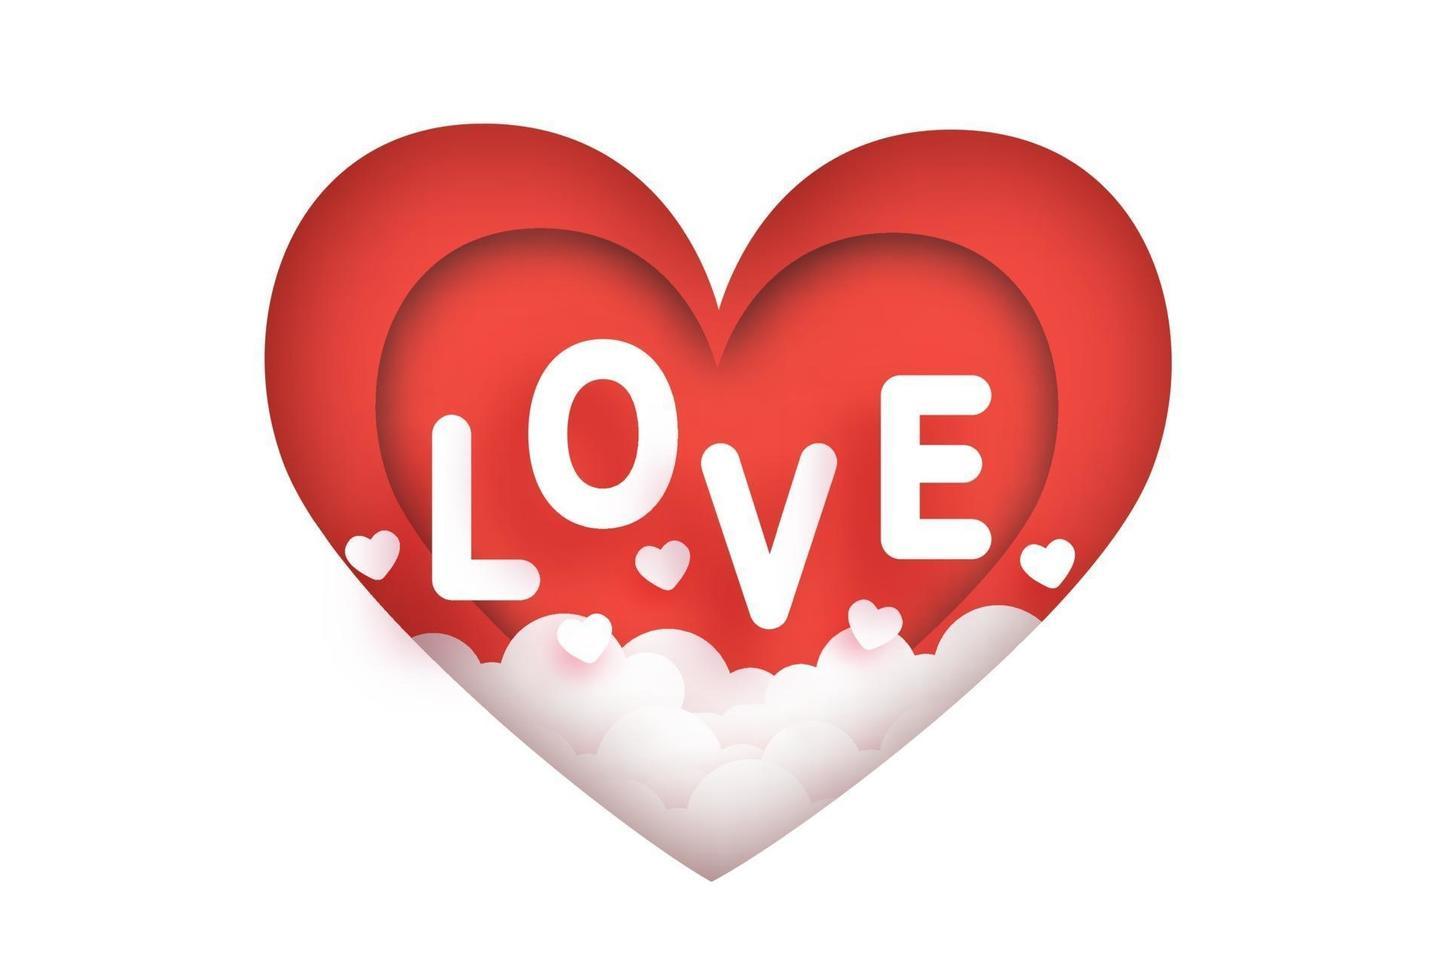 carte de voeux de la Saint-Valentin avec mot d'amour. vecteur